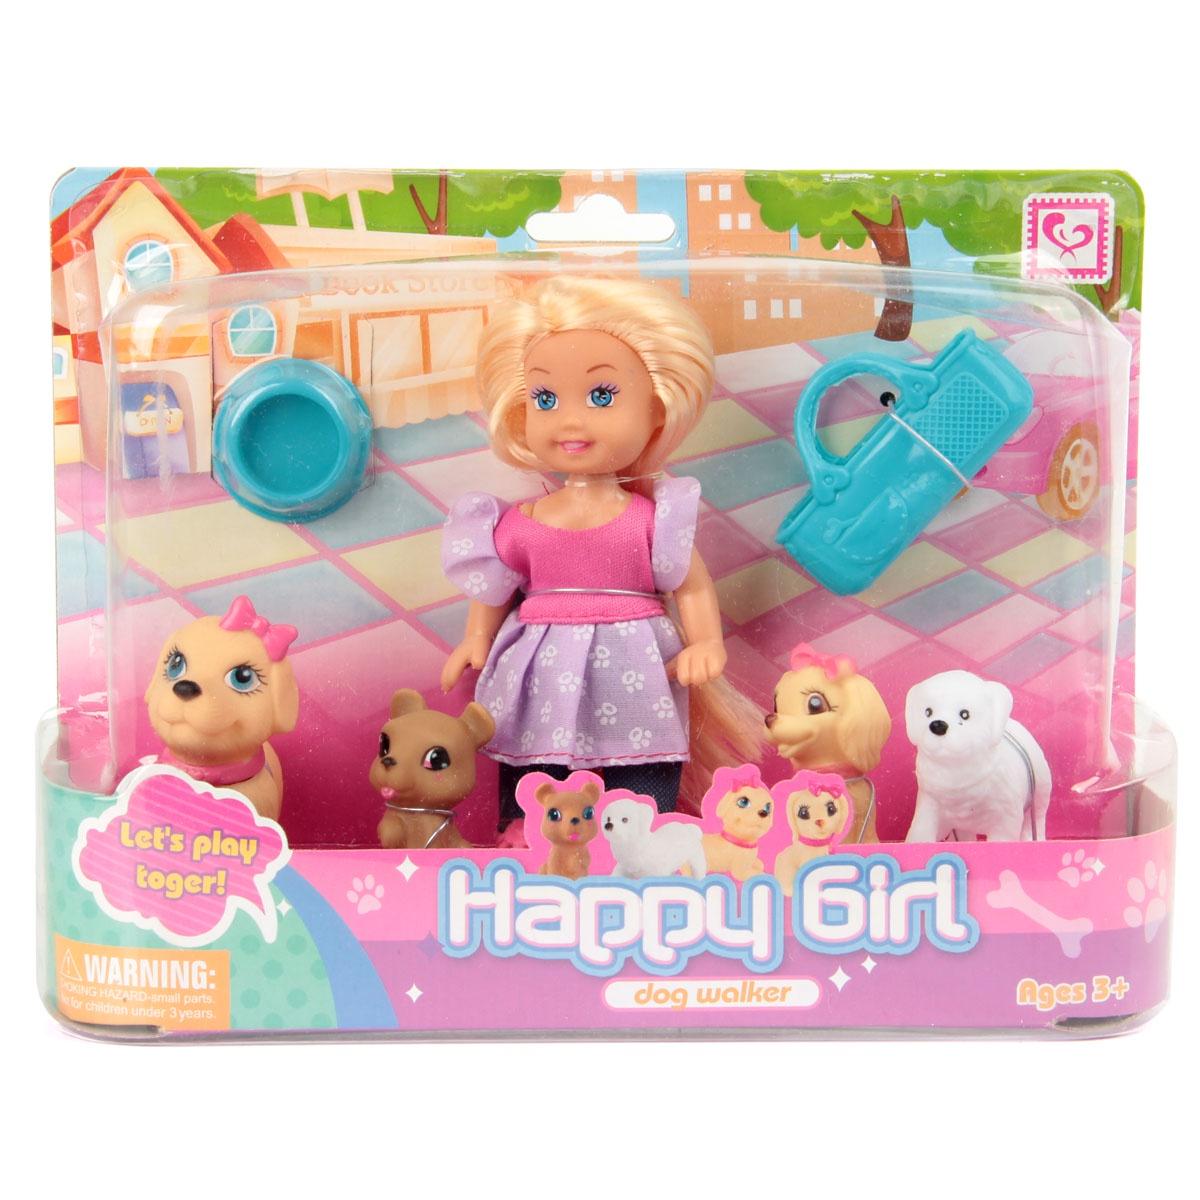 Игровой набор с куклой Veld Co 62971 veld co игровой набор с мини куклой русалка и морской конек цвет желтый розовый